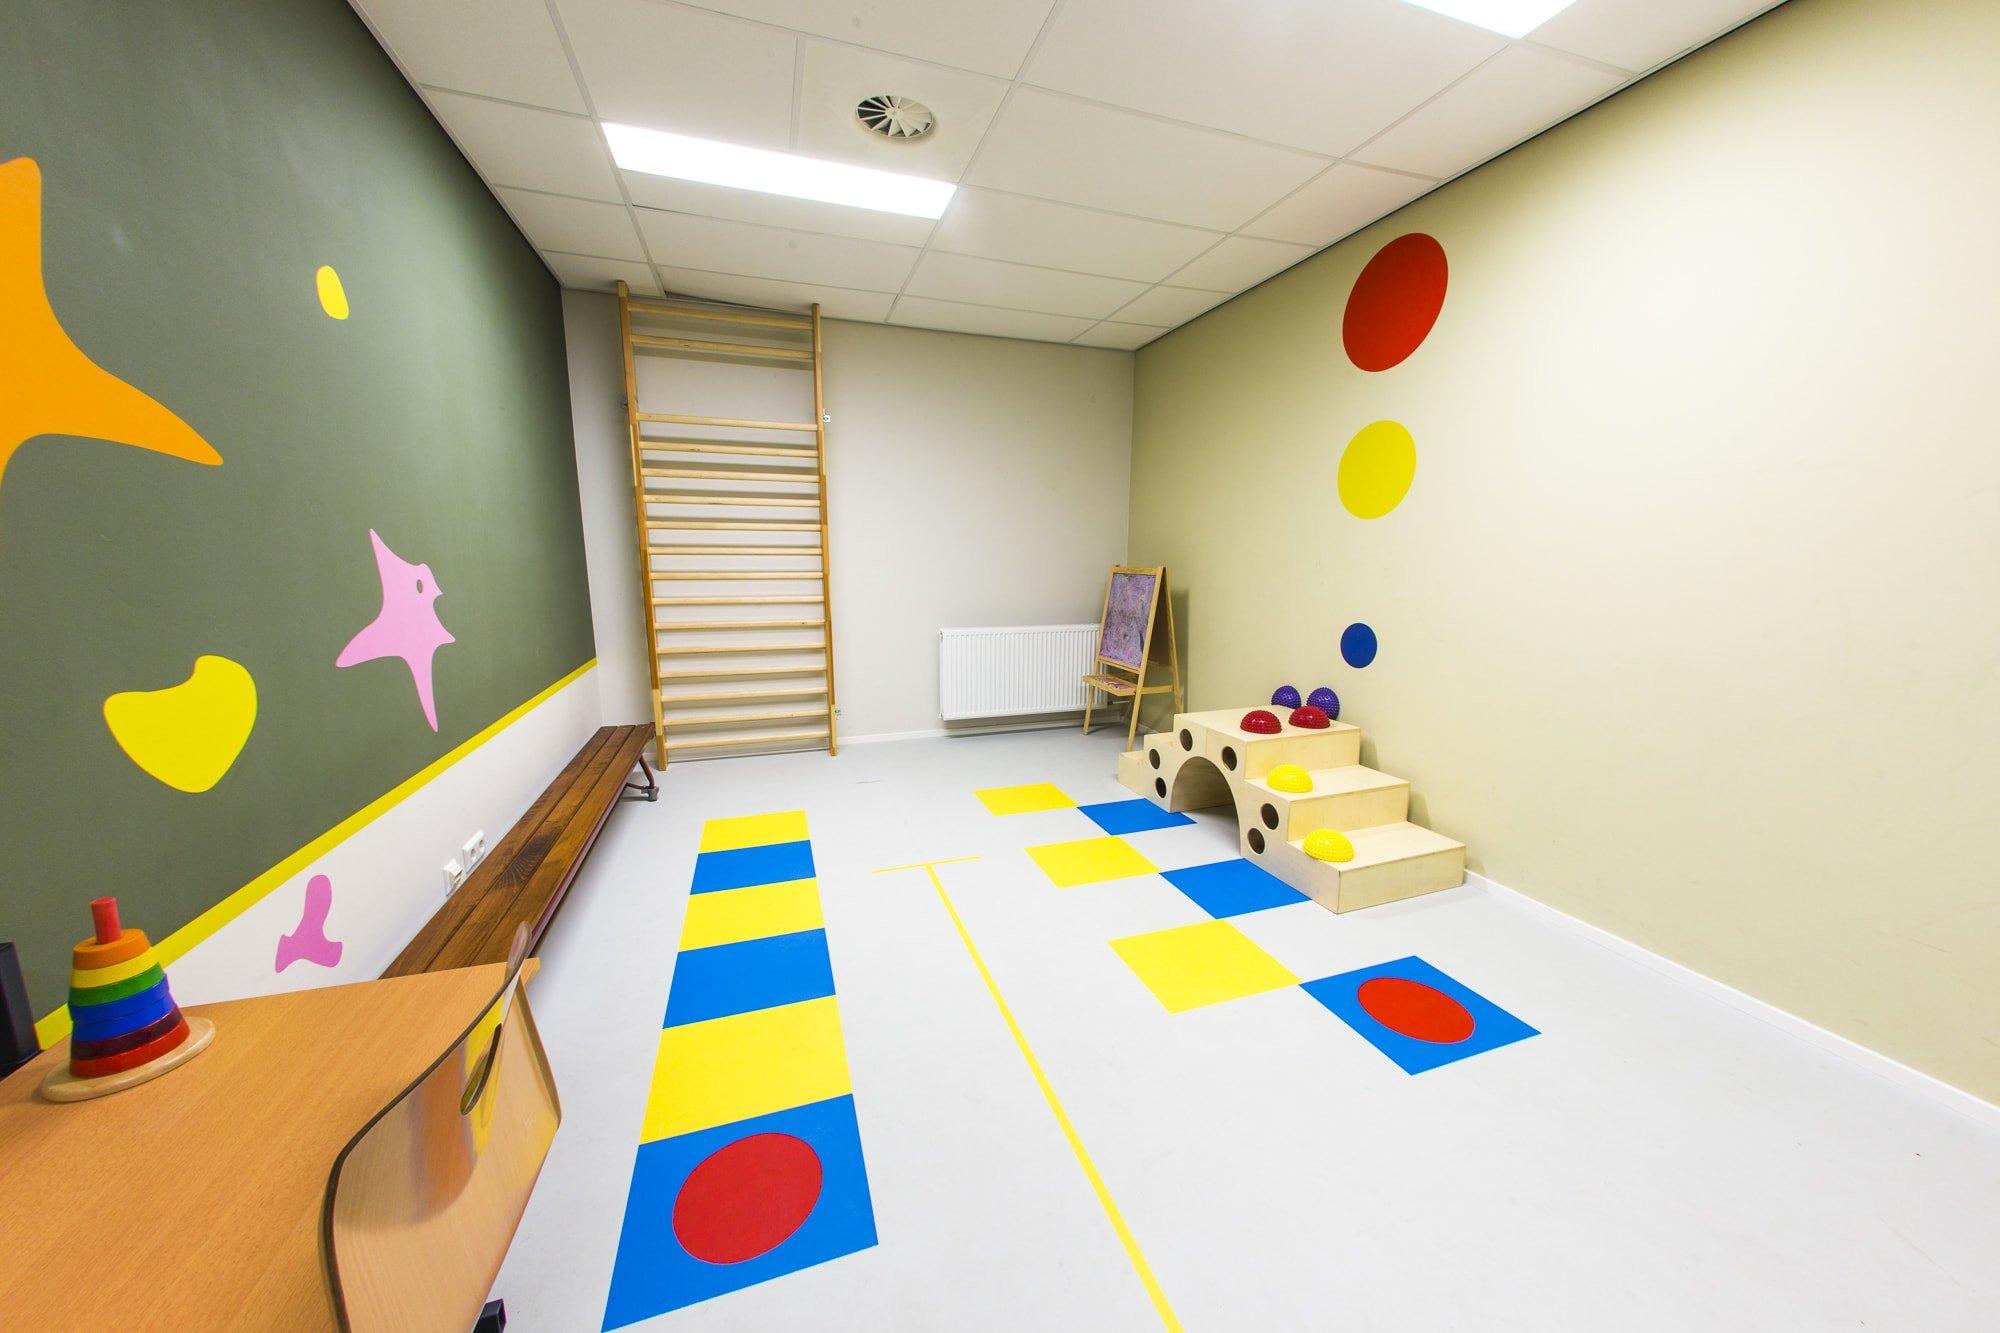 Fysiotherapie ede Kinderen